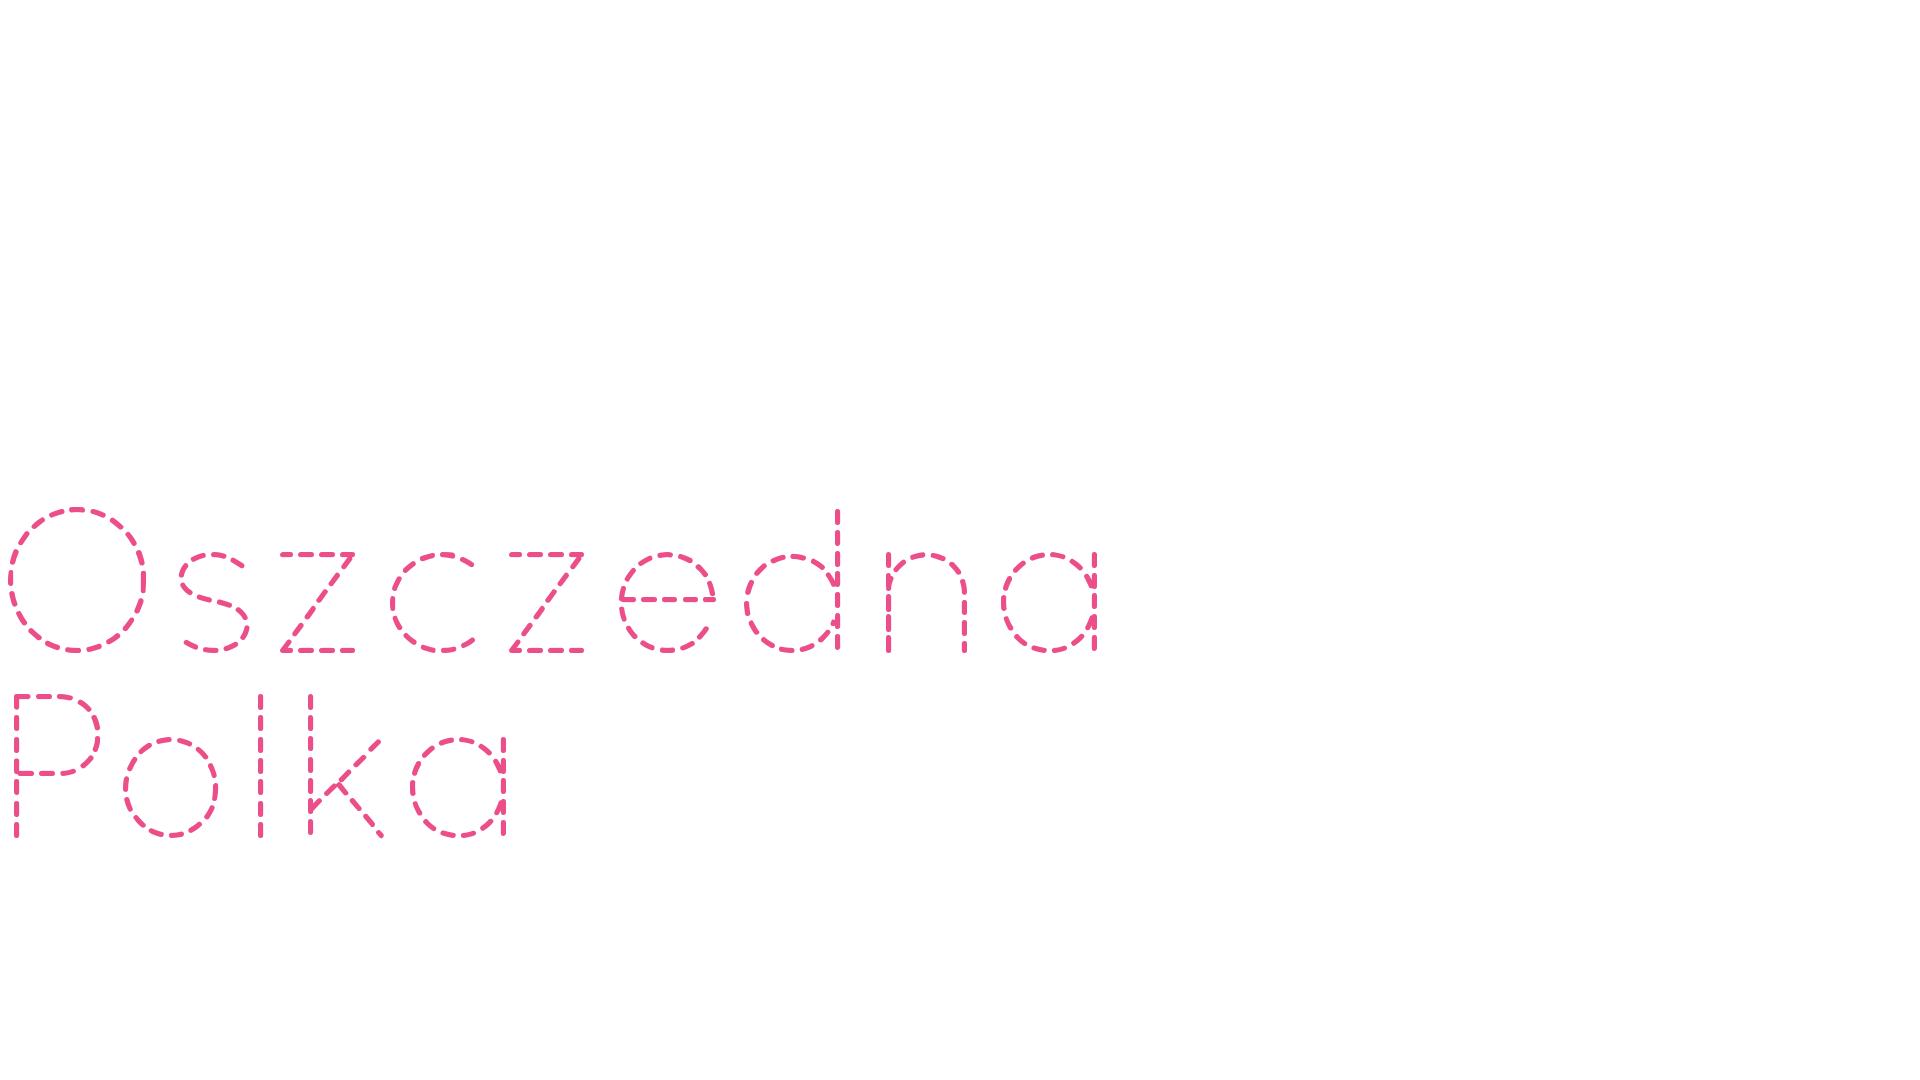 OszczędnaPolka.pl